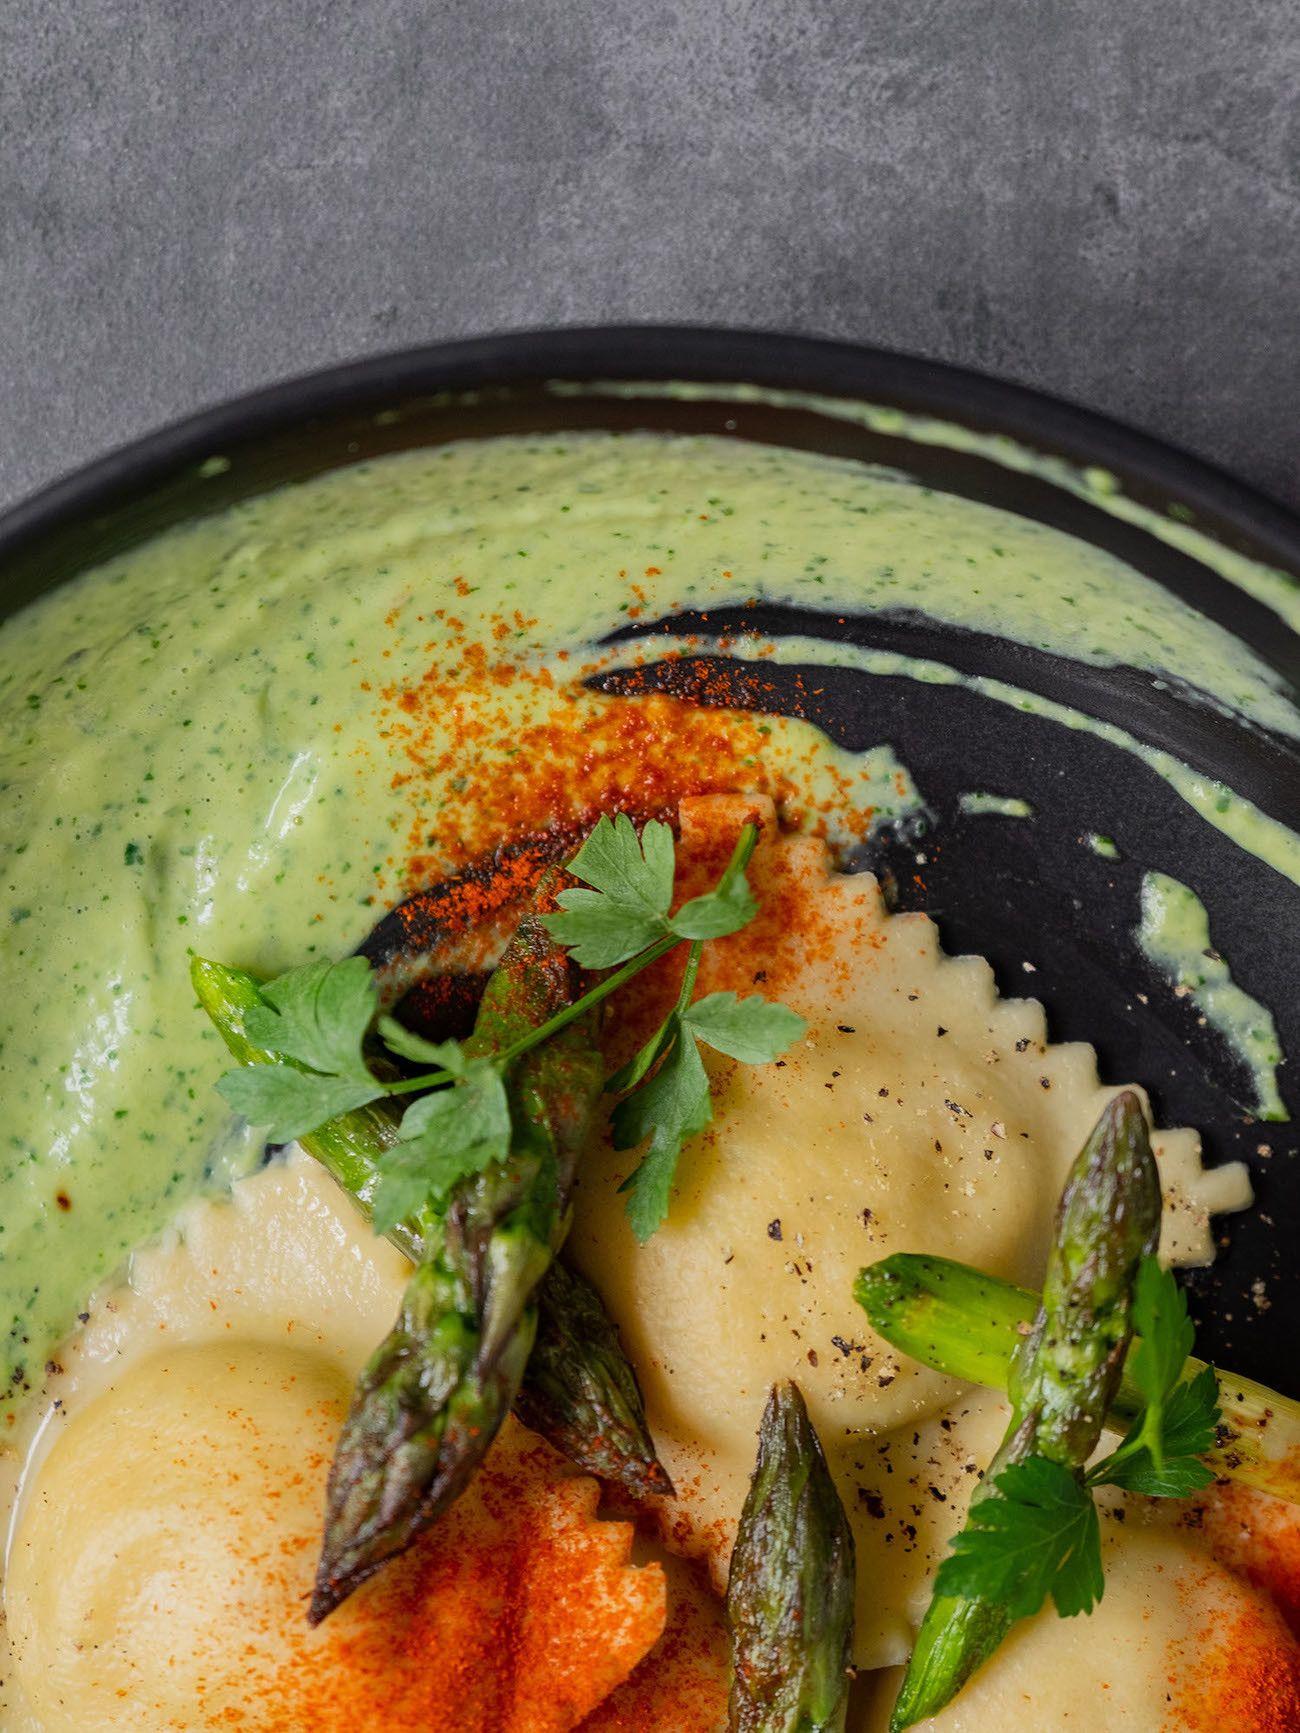 Foodblog, About Fuel, Rezept, Lachsravioli auf Spargel-Kräuter-Mayonnaise und Spargelspitzen, Teller, Paprikapulver